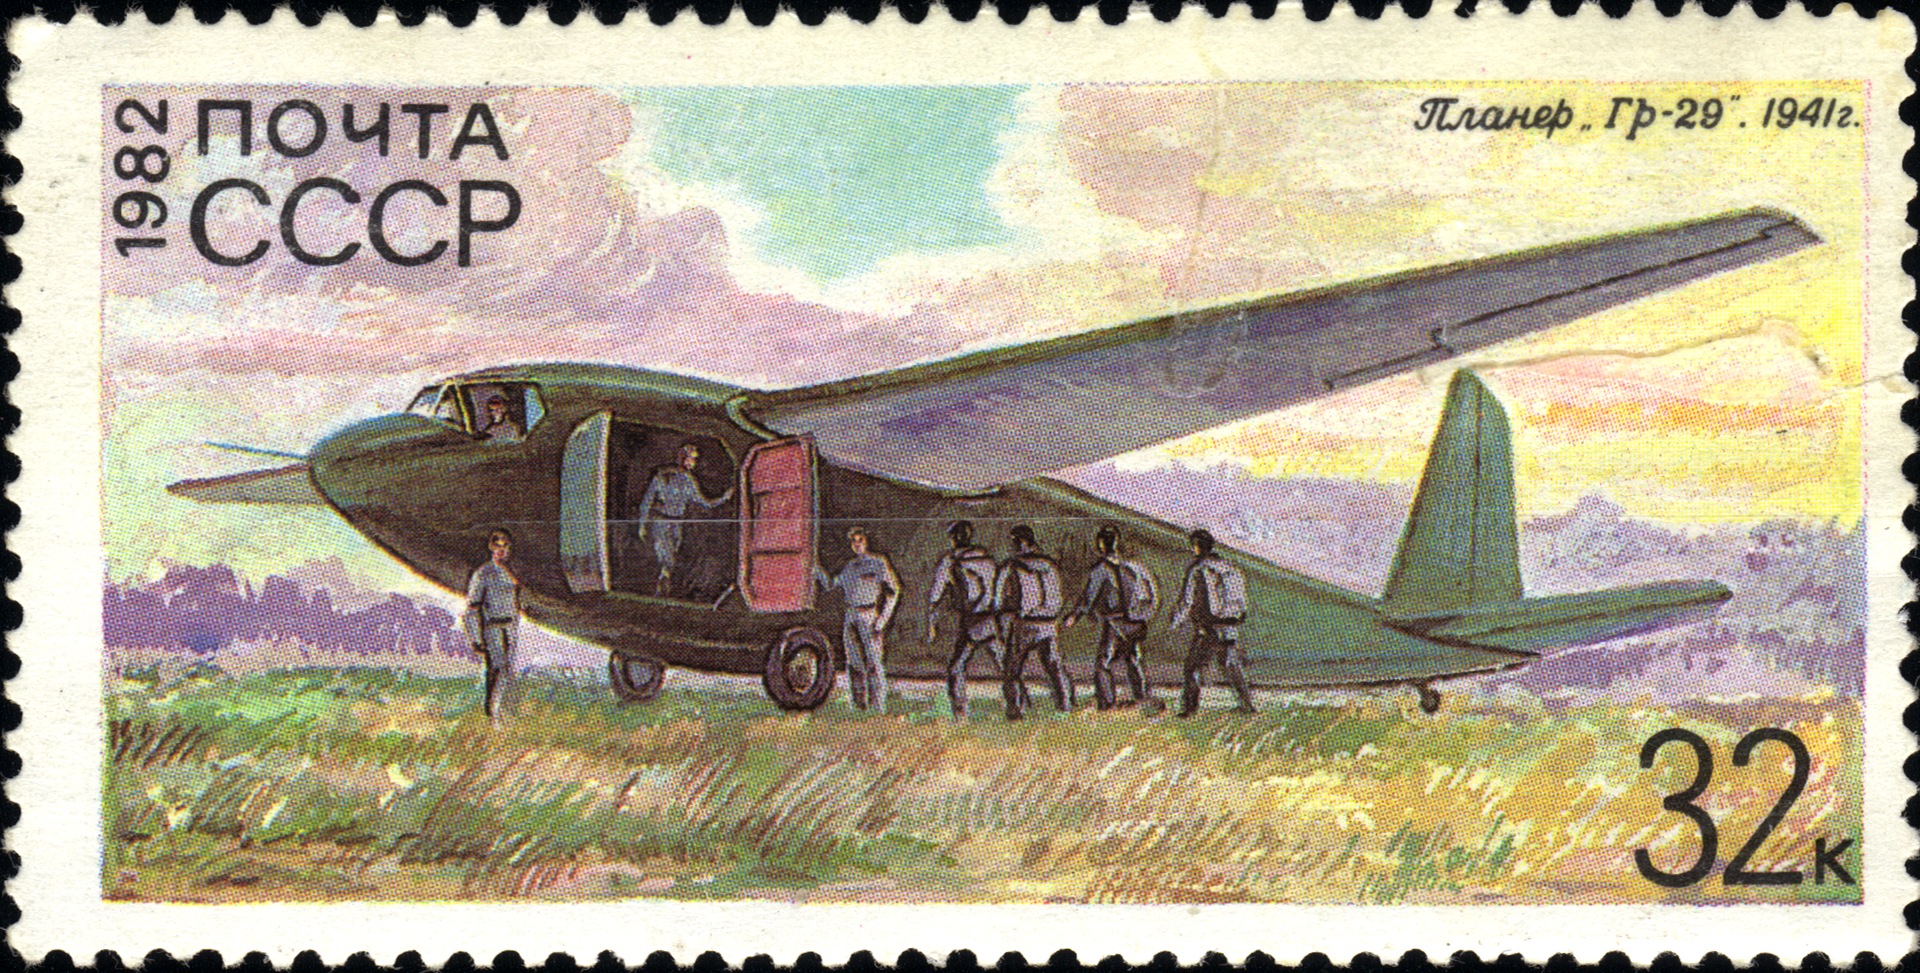 Једрилица Г-11 (Гр-29) на поштанској маркици